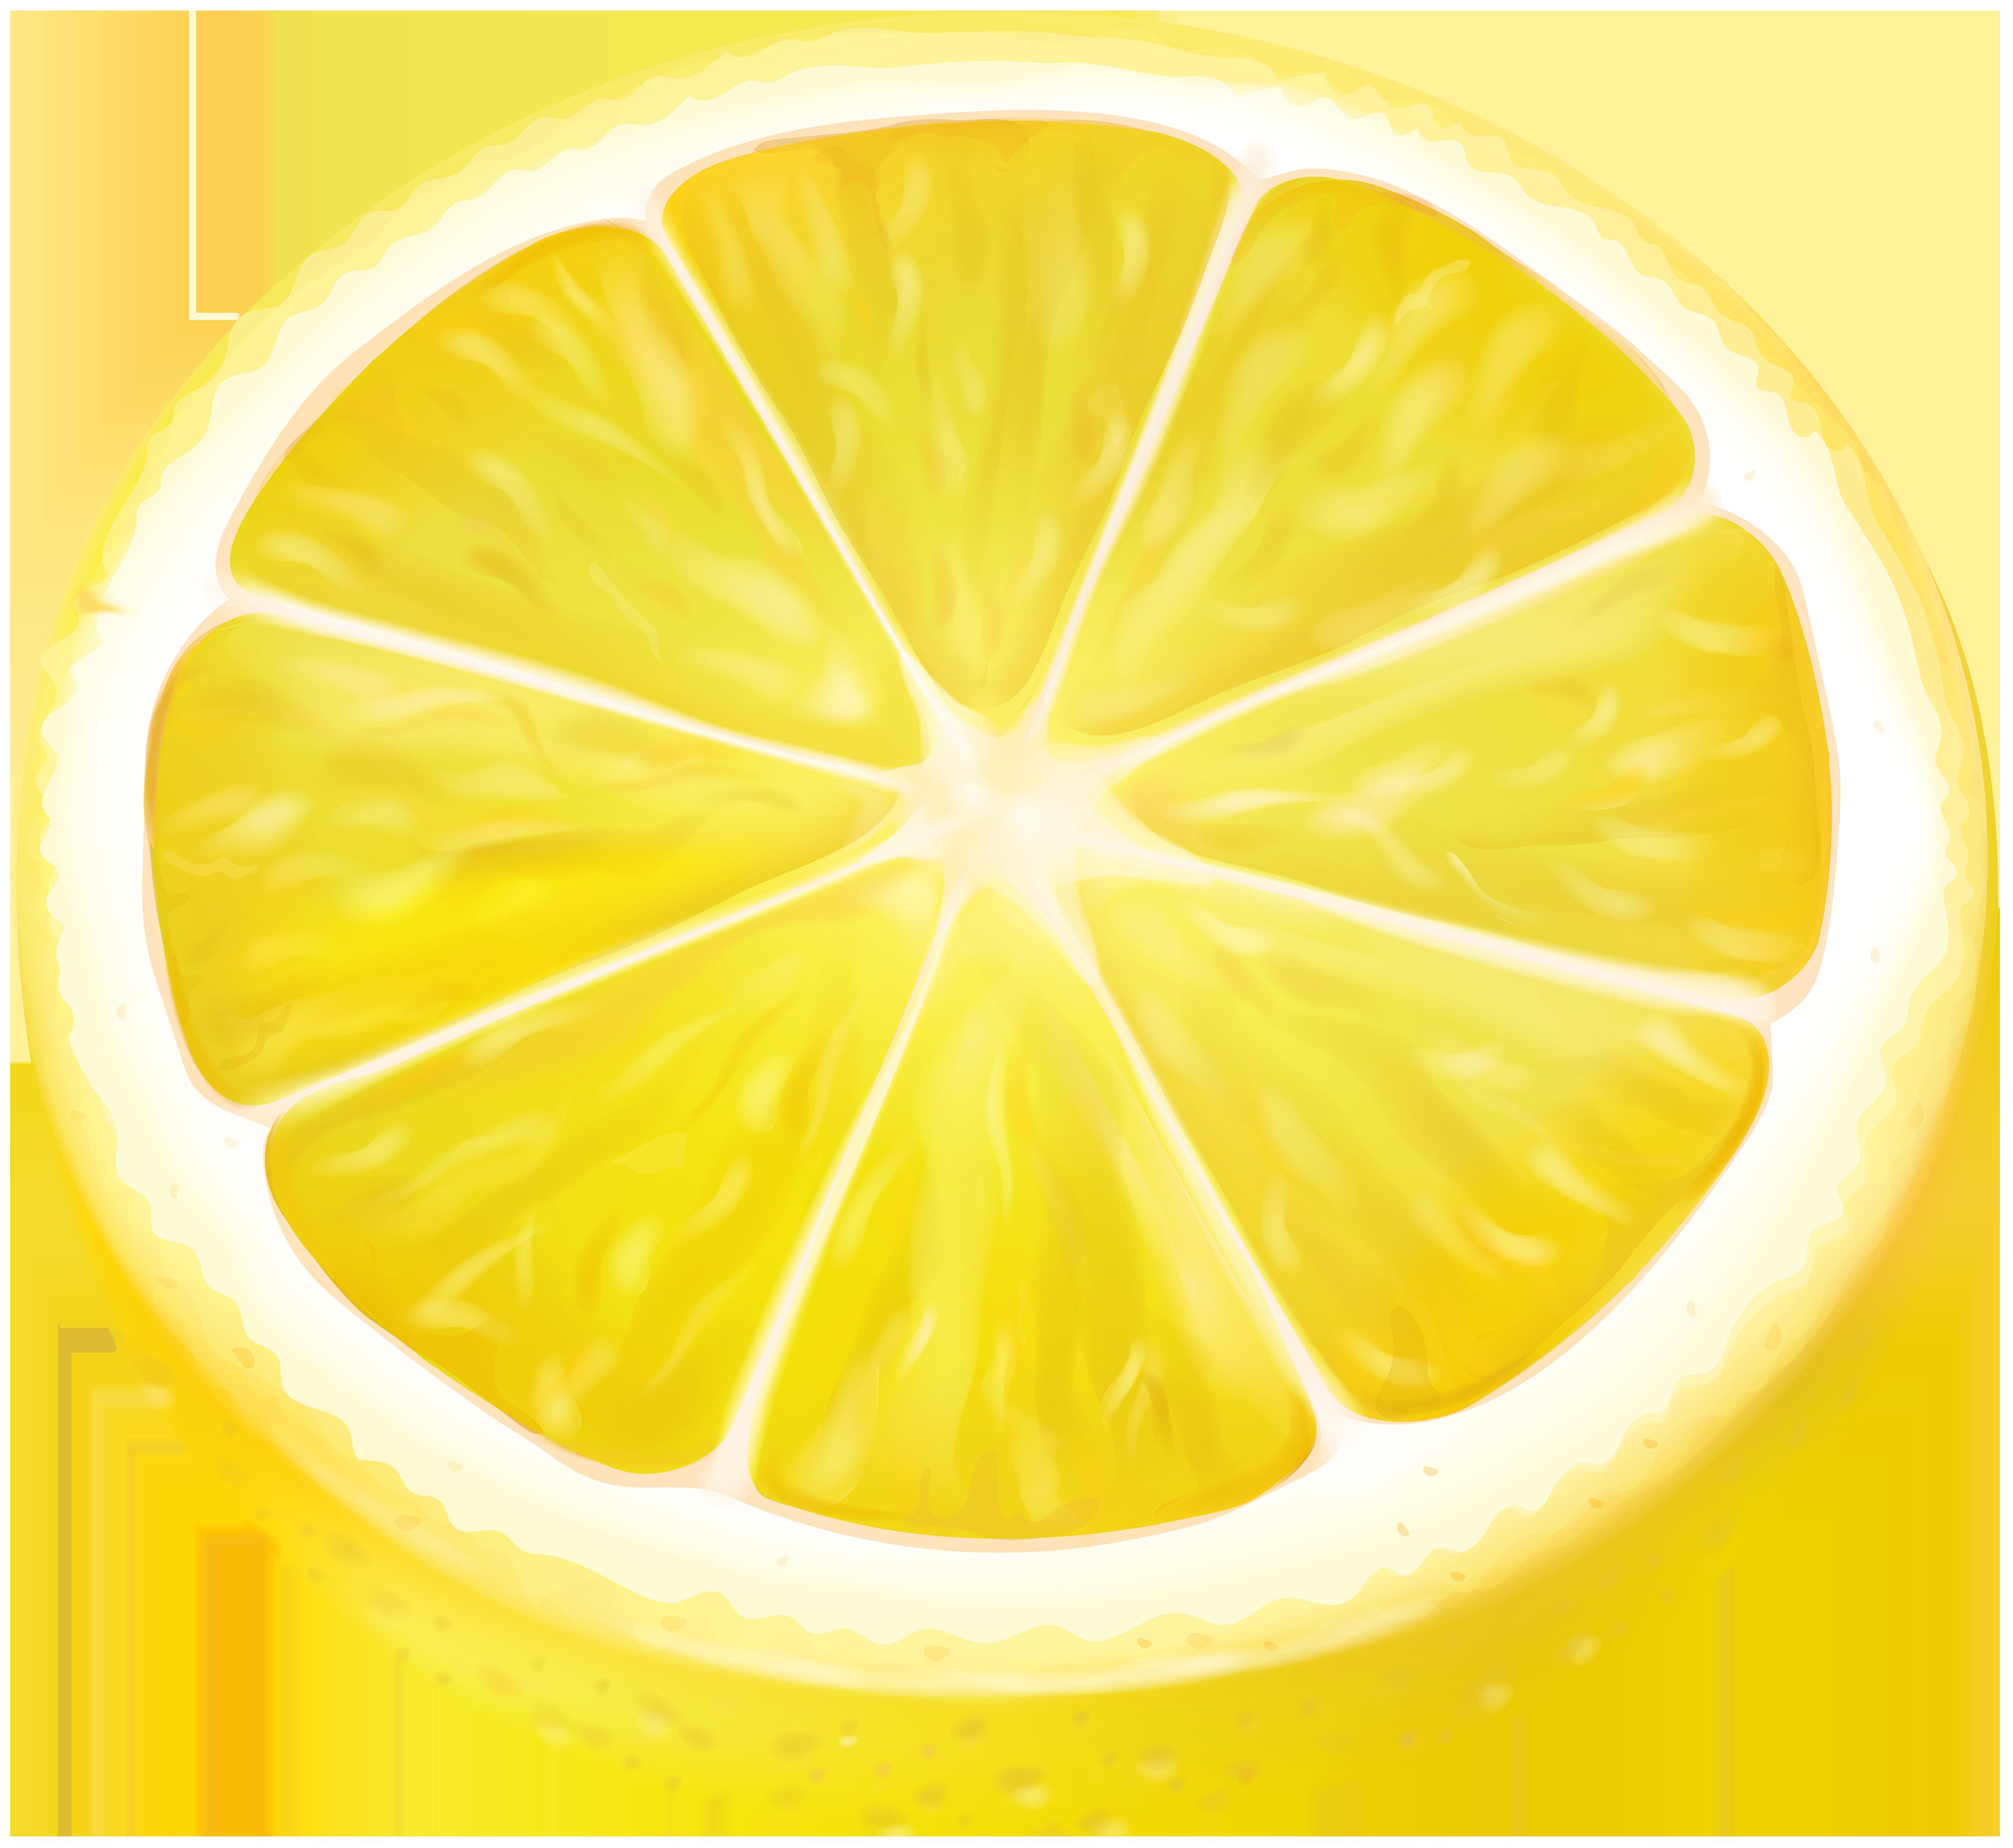 clip art Lemons clipart citron. Lemon decorative transparent image.